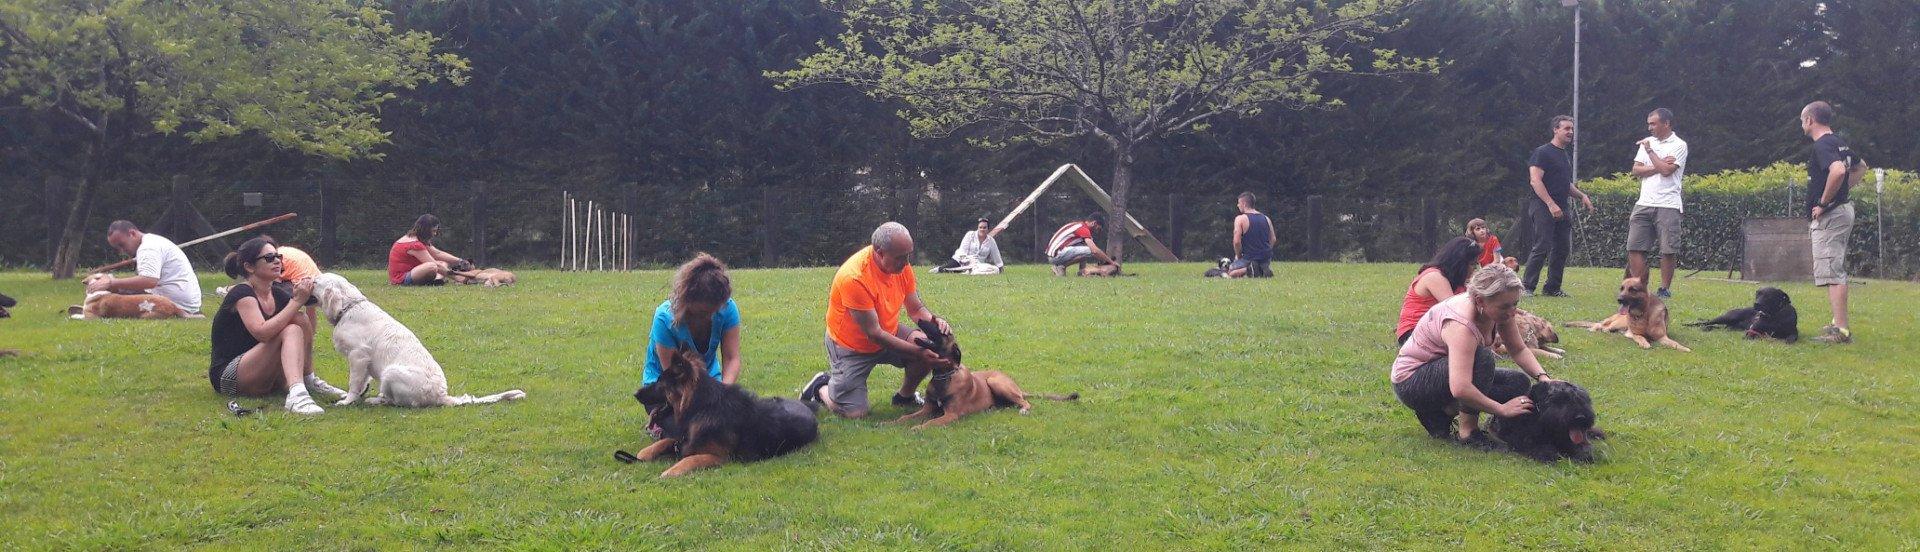 Adiestramiento y educación canina básica - Txakur Bai